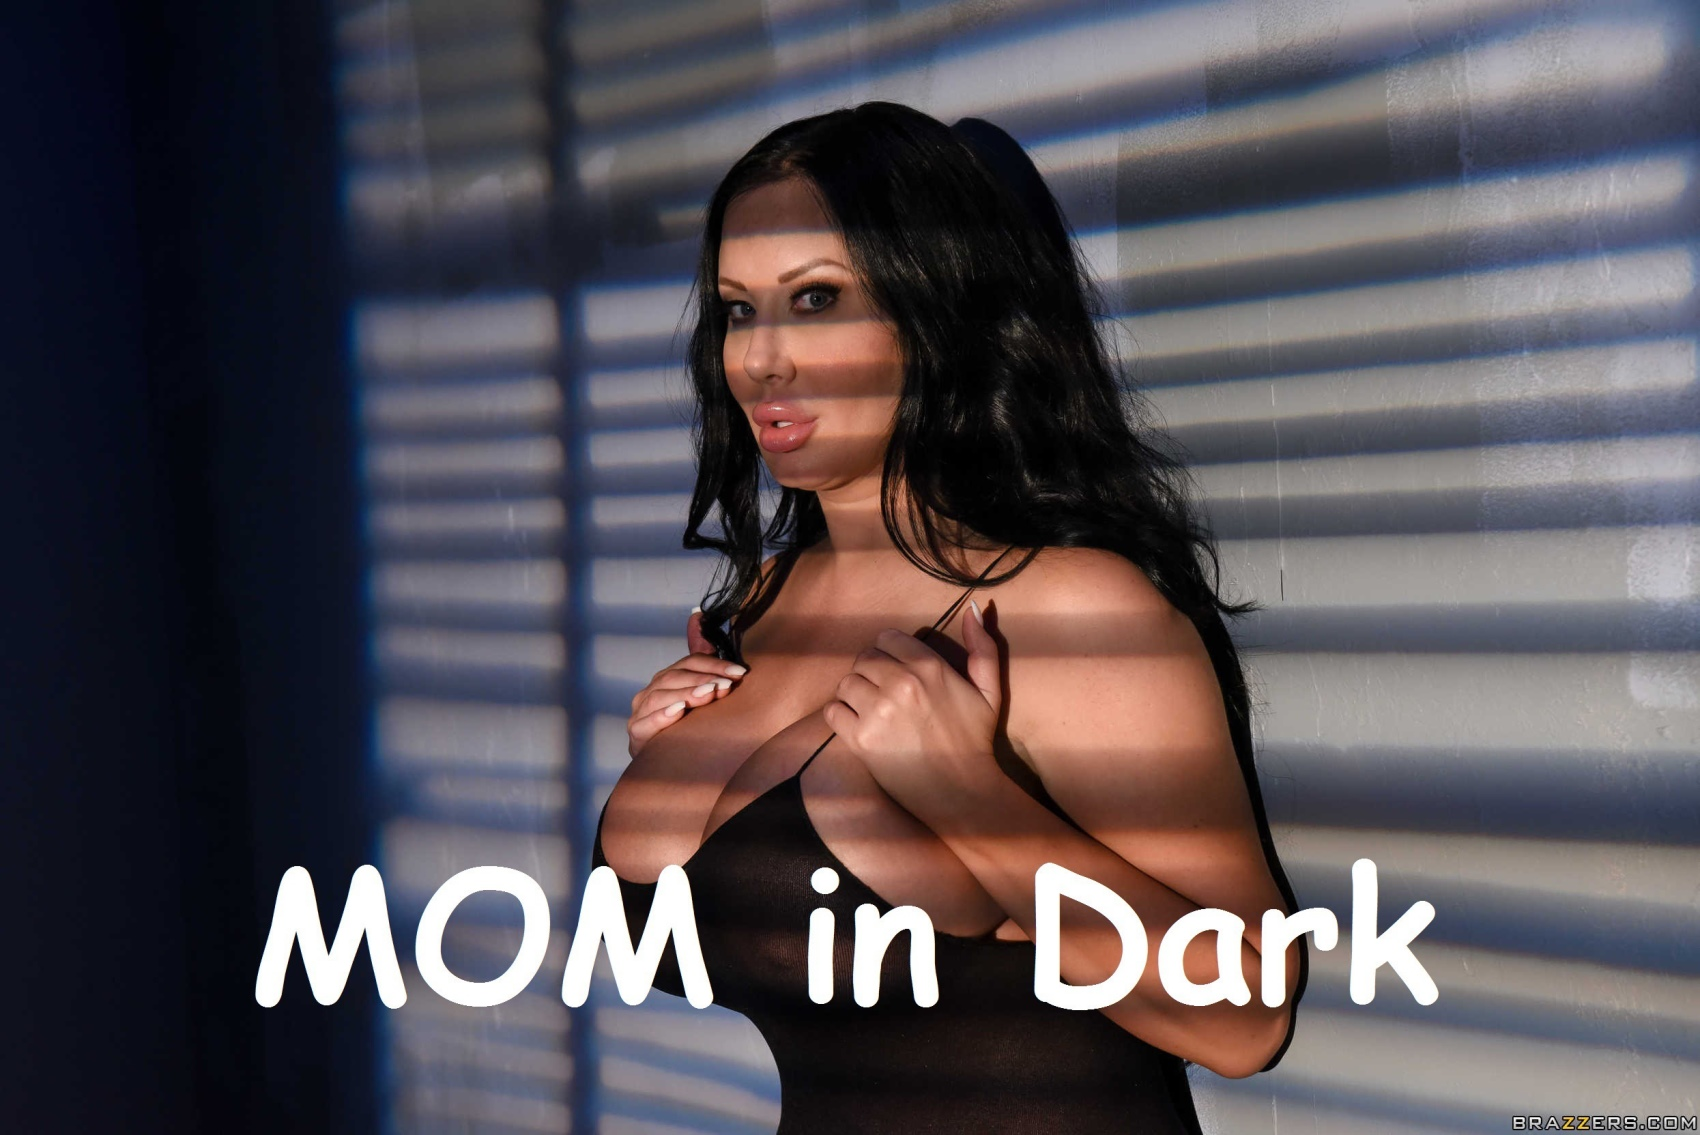 Mom in Dark – Brazzers image 1